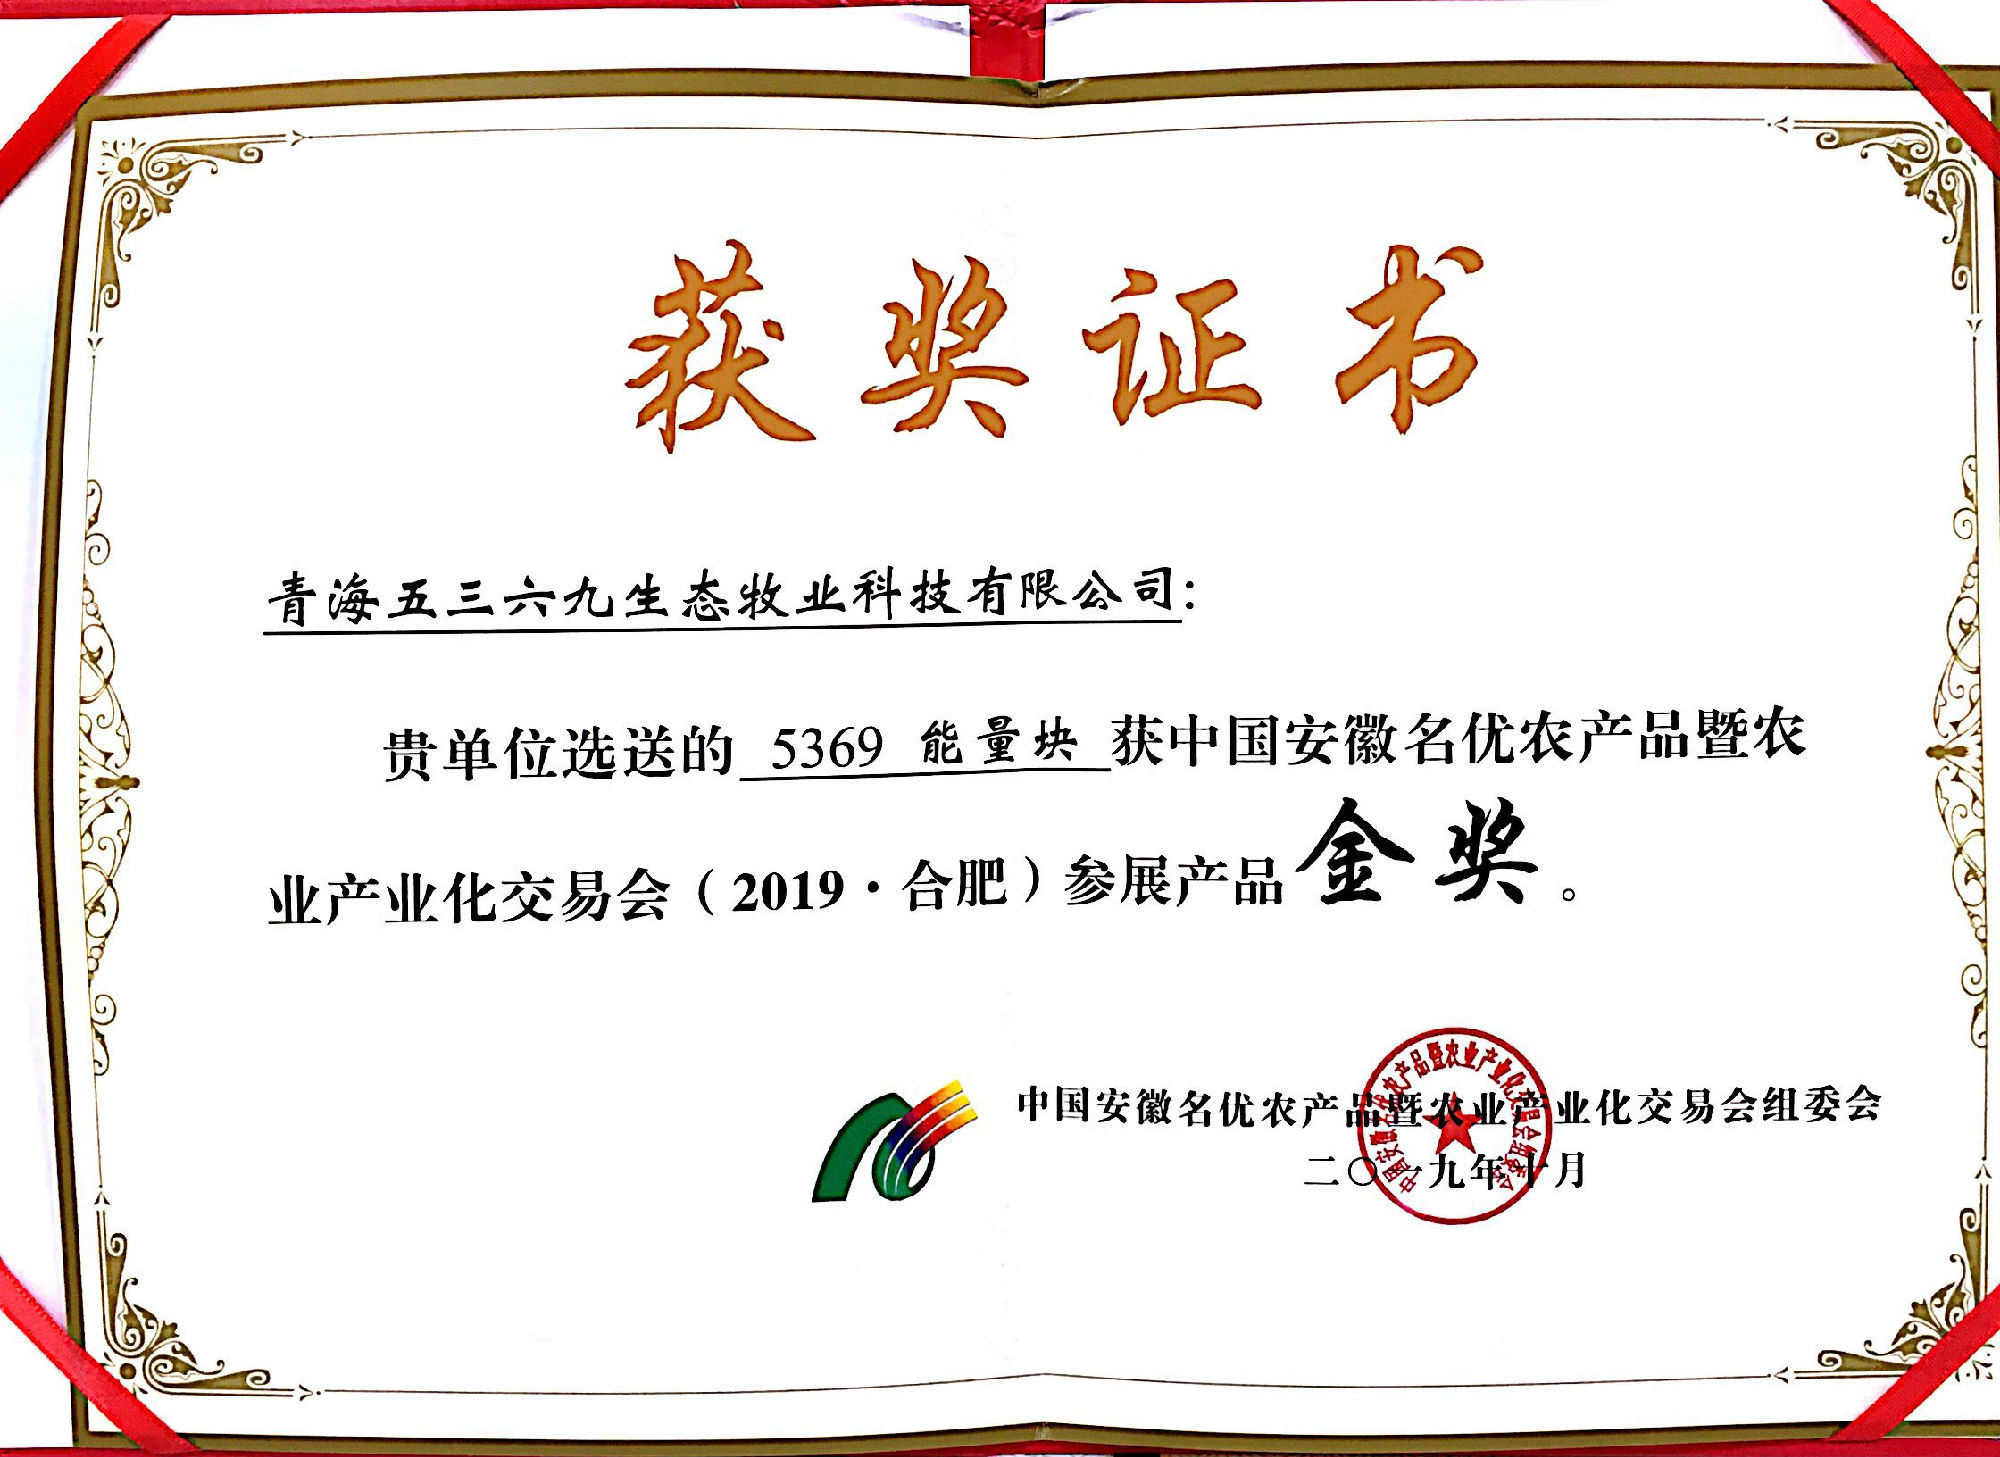 5369能量块荣获名优农产品金奖